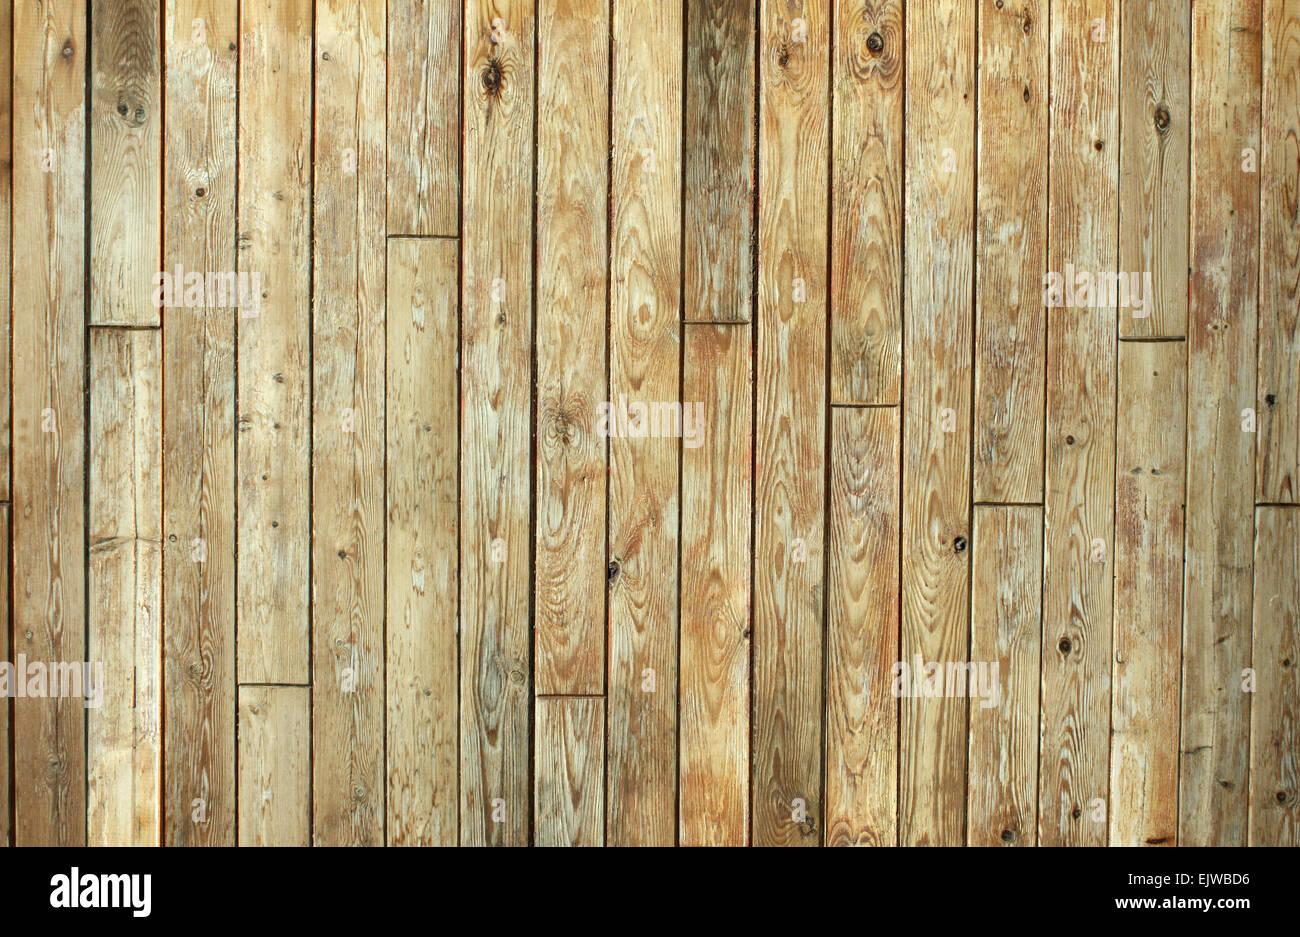 Schmutzige alte Holzplatten mit Knoten. Ideal für Textur Hintergrund und Gestaltung mit Holz. Stockbild